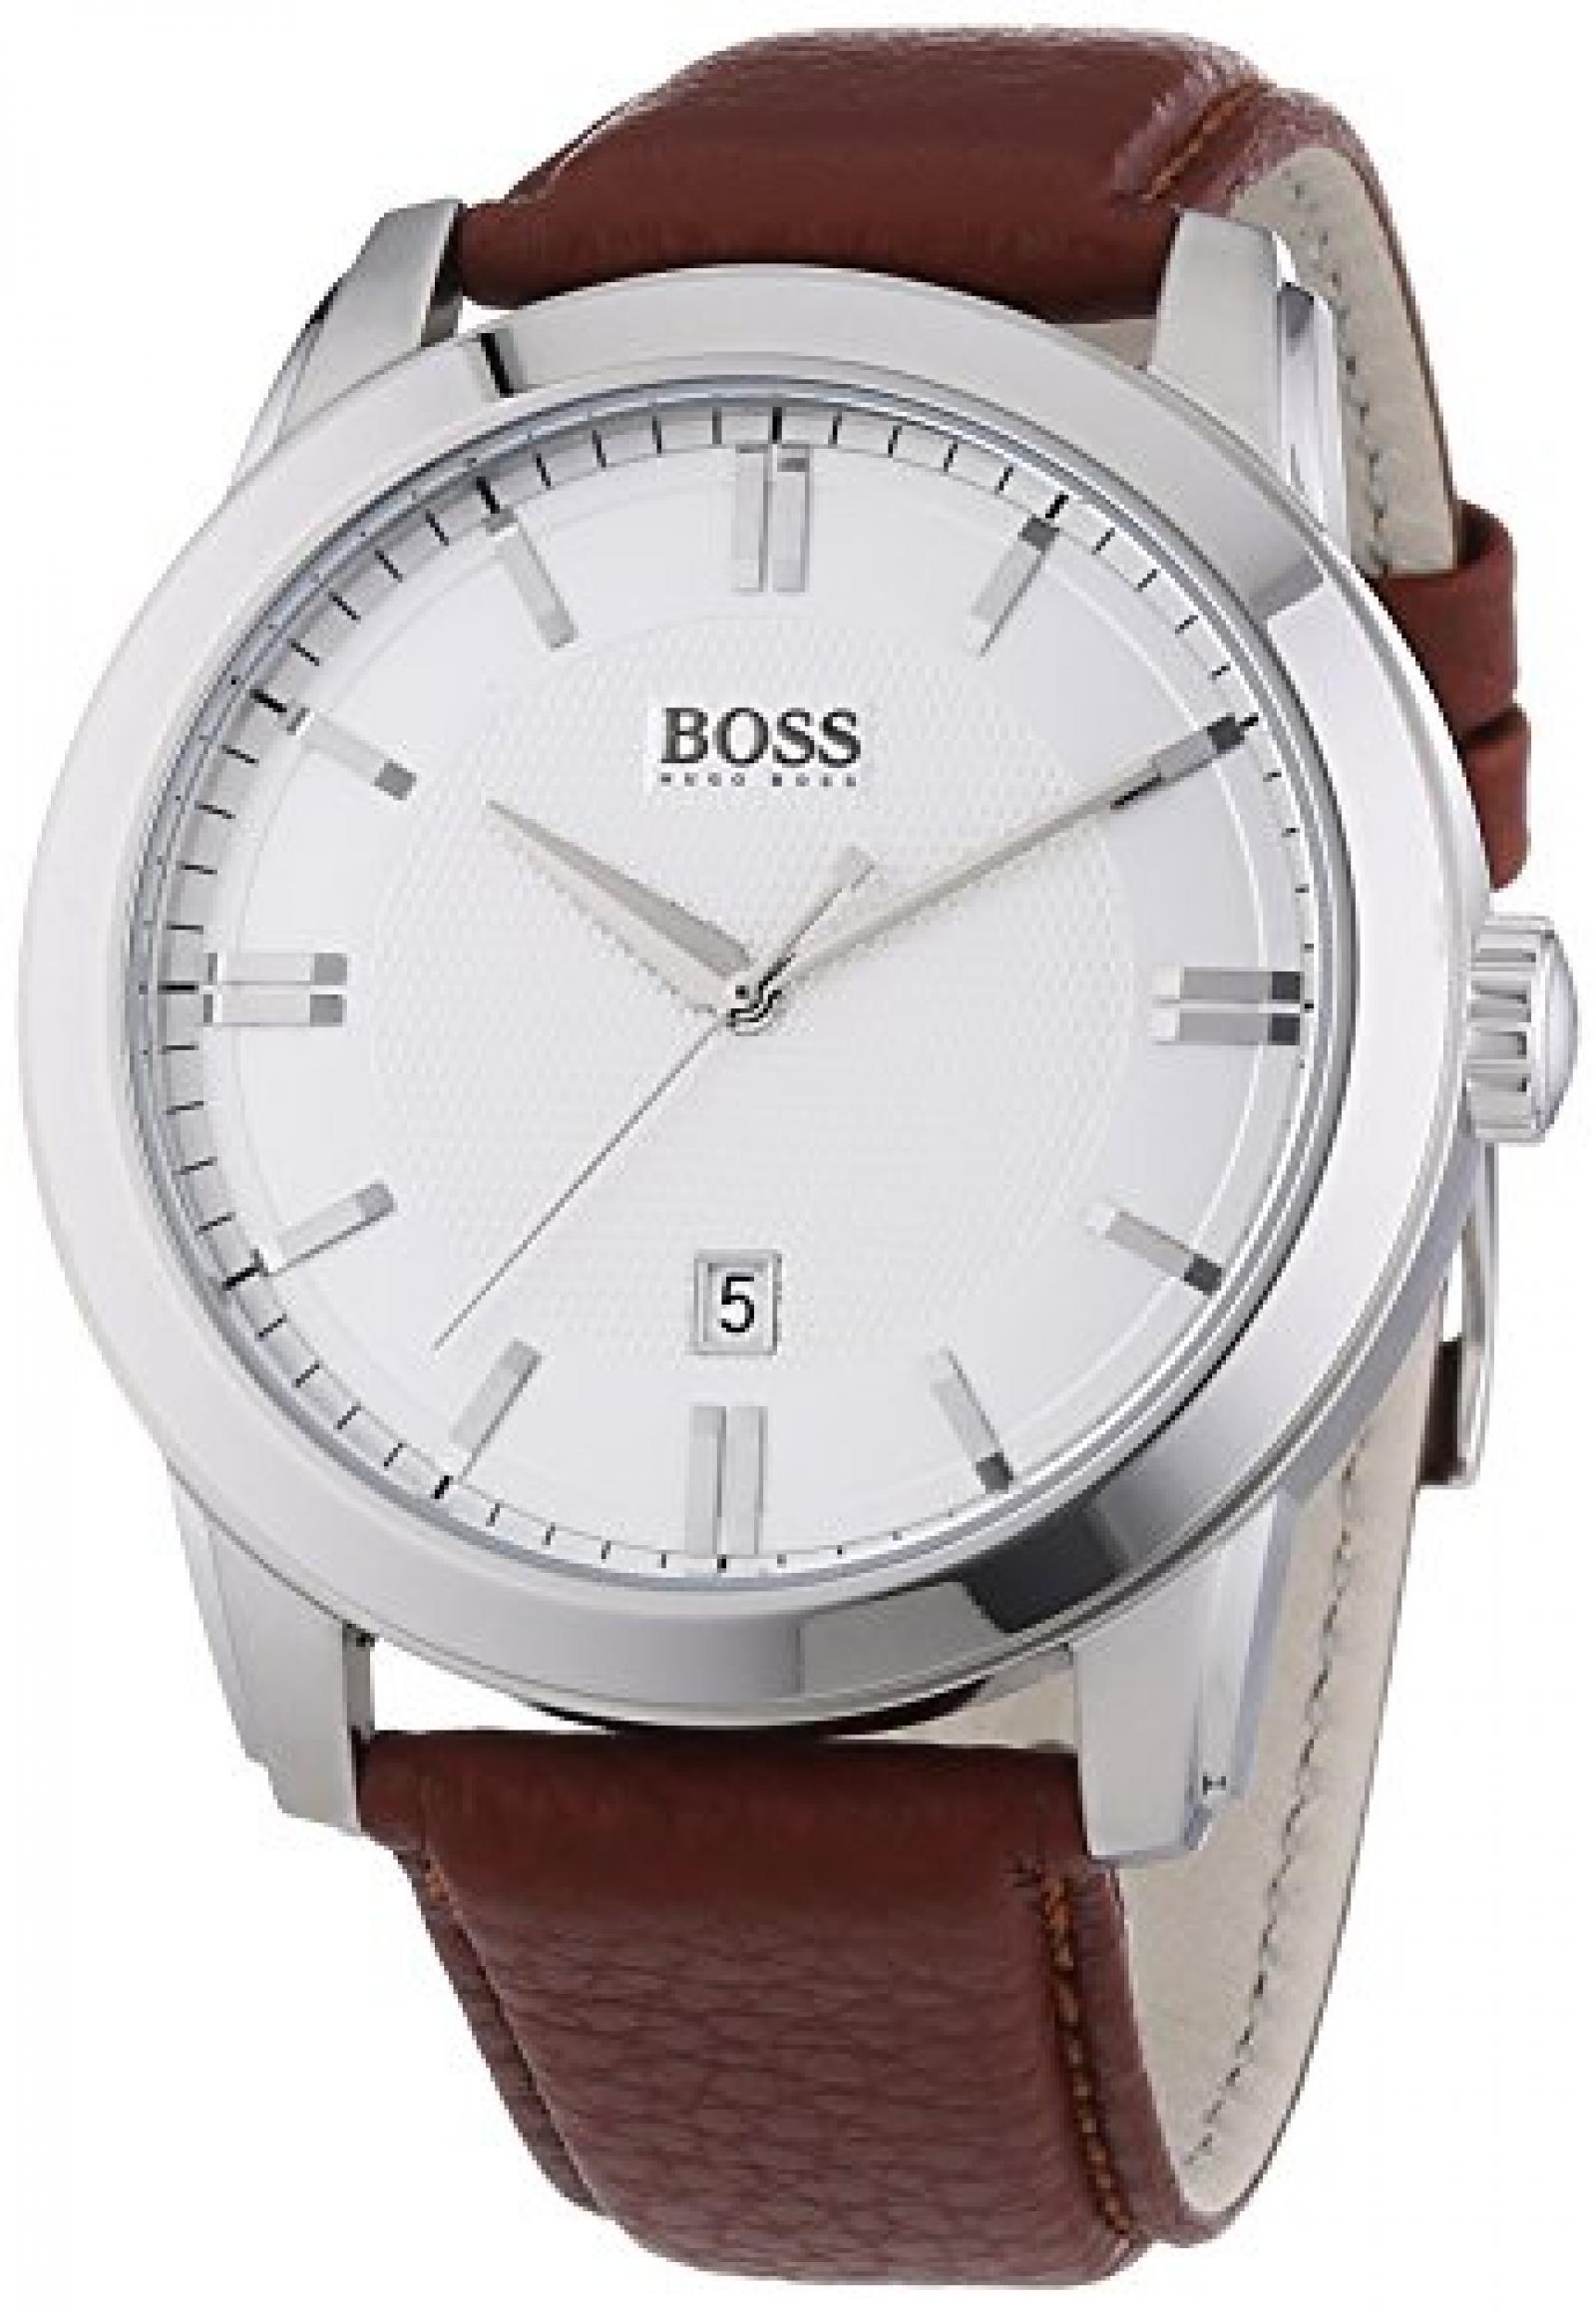 Hugo Boss Herren-Armbanduhr XL HB-1004 Analog Quarz Leder 1513017